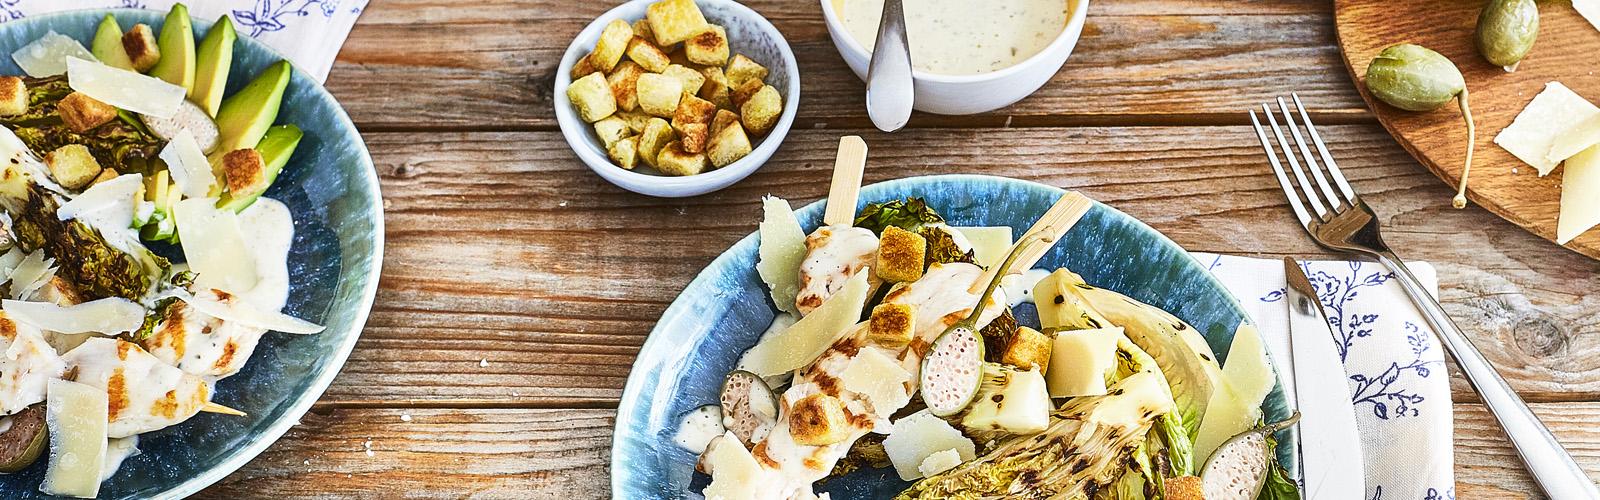 Gegrillter Caesar-Salat mit Hähnchenspieß